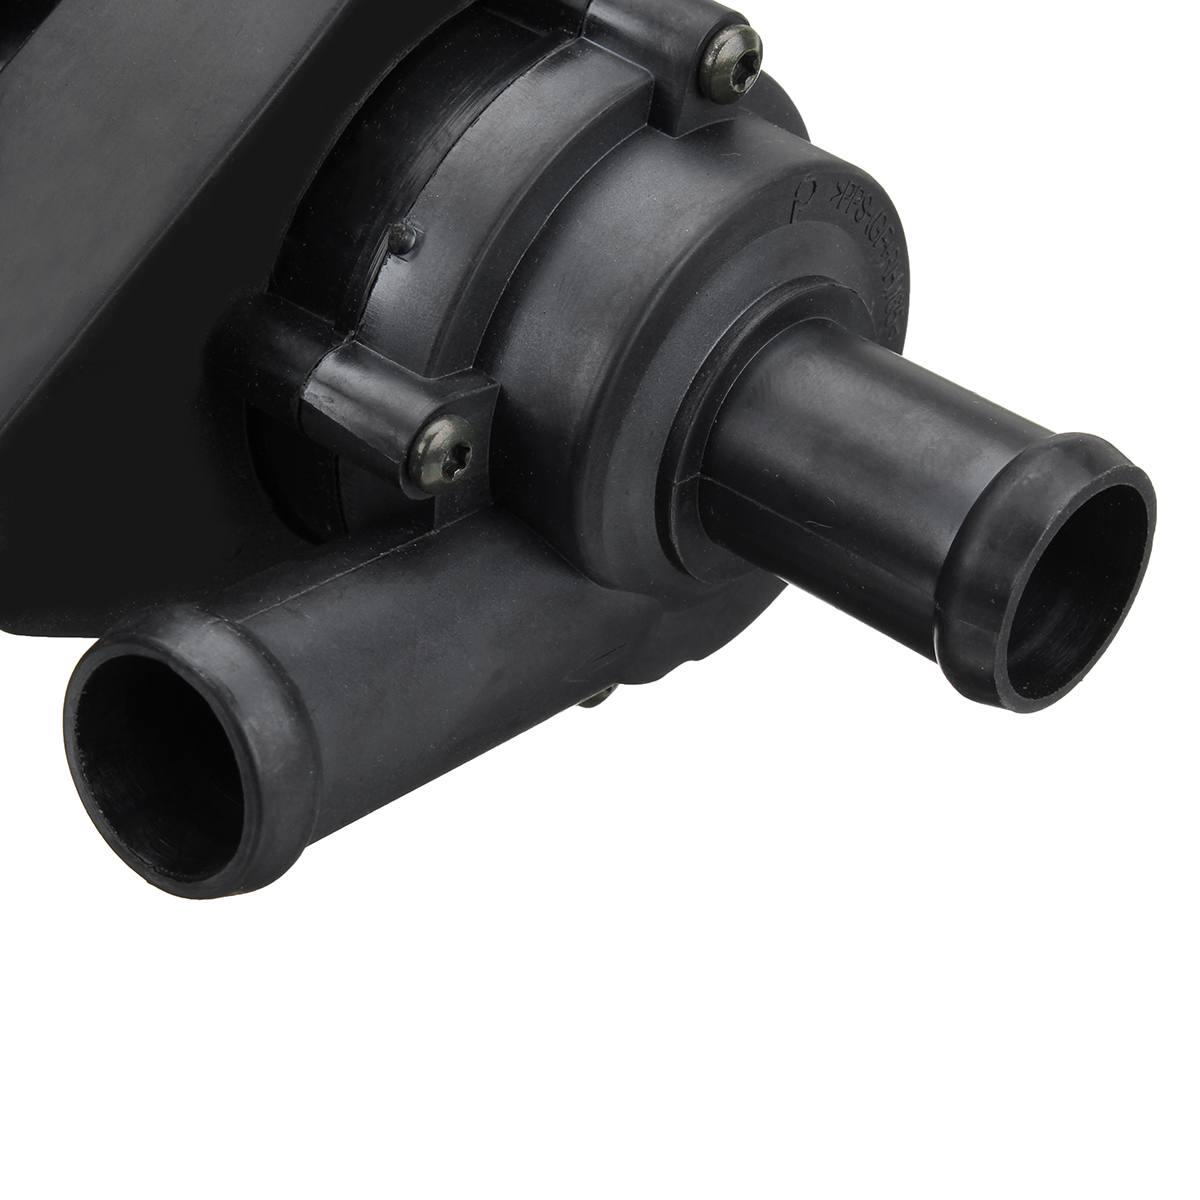 Водяной насос для охлаждения двигателя автомобиля, соединительный кабель 1K0965561J 1K0965561G для VW Jetta Golf GTI Passat CC Octavia 1,8 T 2,0 T 12 V